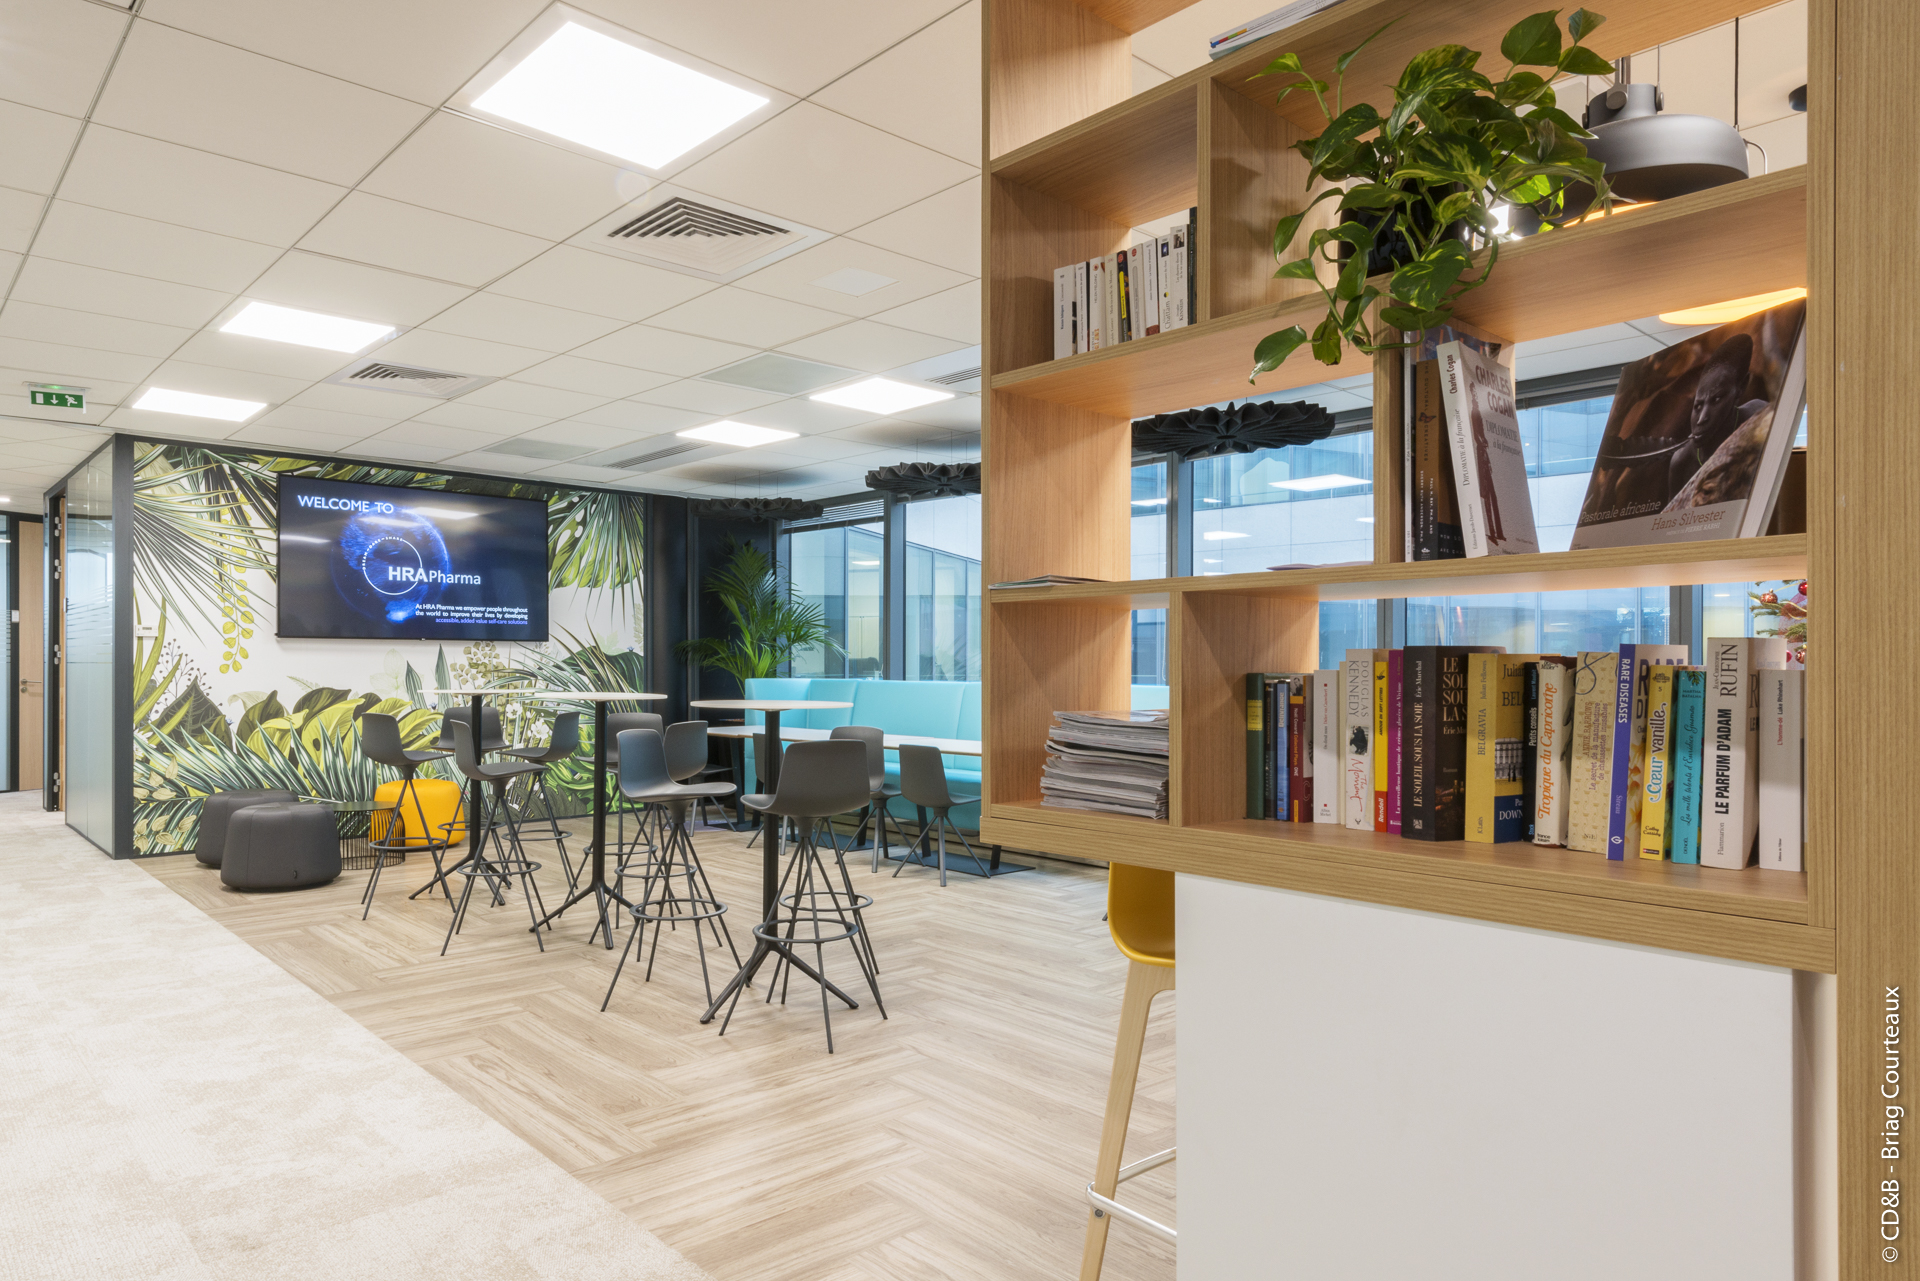 Conseil, aménagement, conception et réalisation des espaces de bureaux de la société HRA PHARMA par CDB, Meet you there.